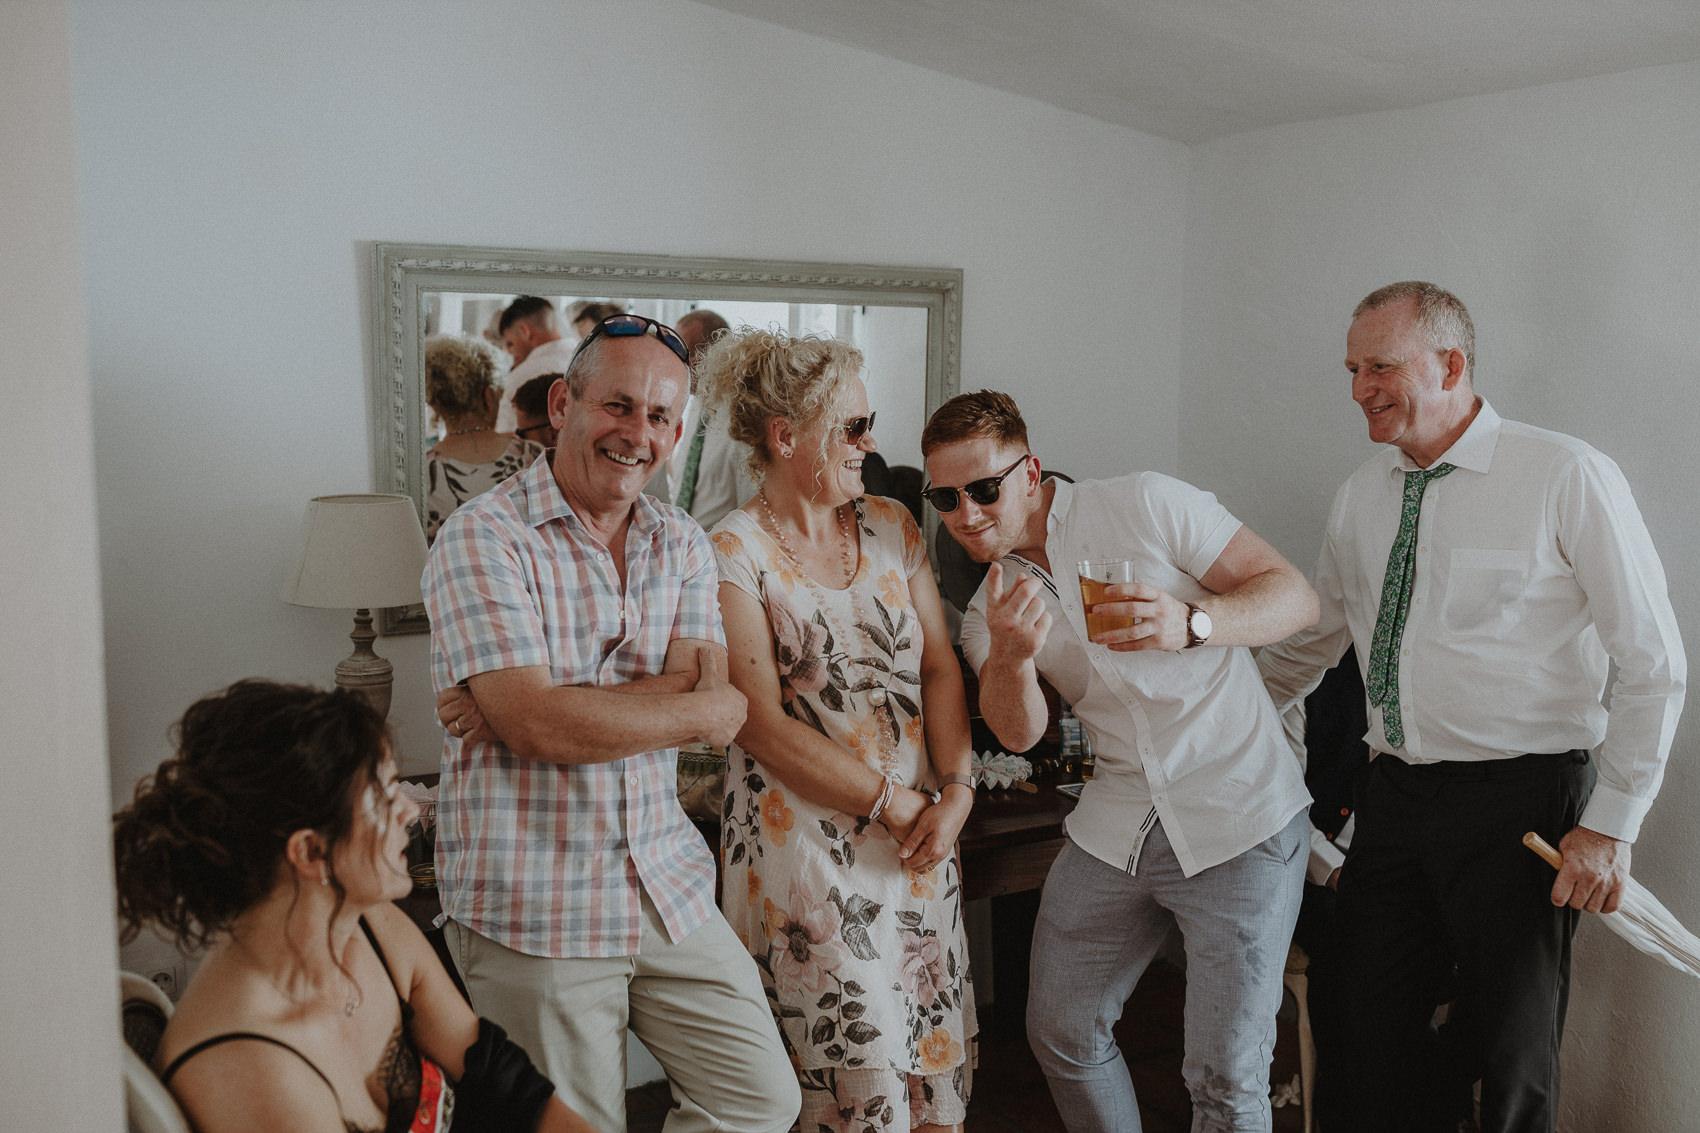 Sarah & Bill | Summer wedding at Cortijo Rosa Blanca | Marbella - Spain 58